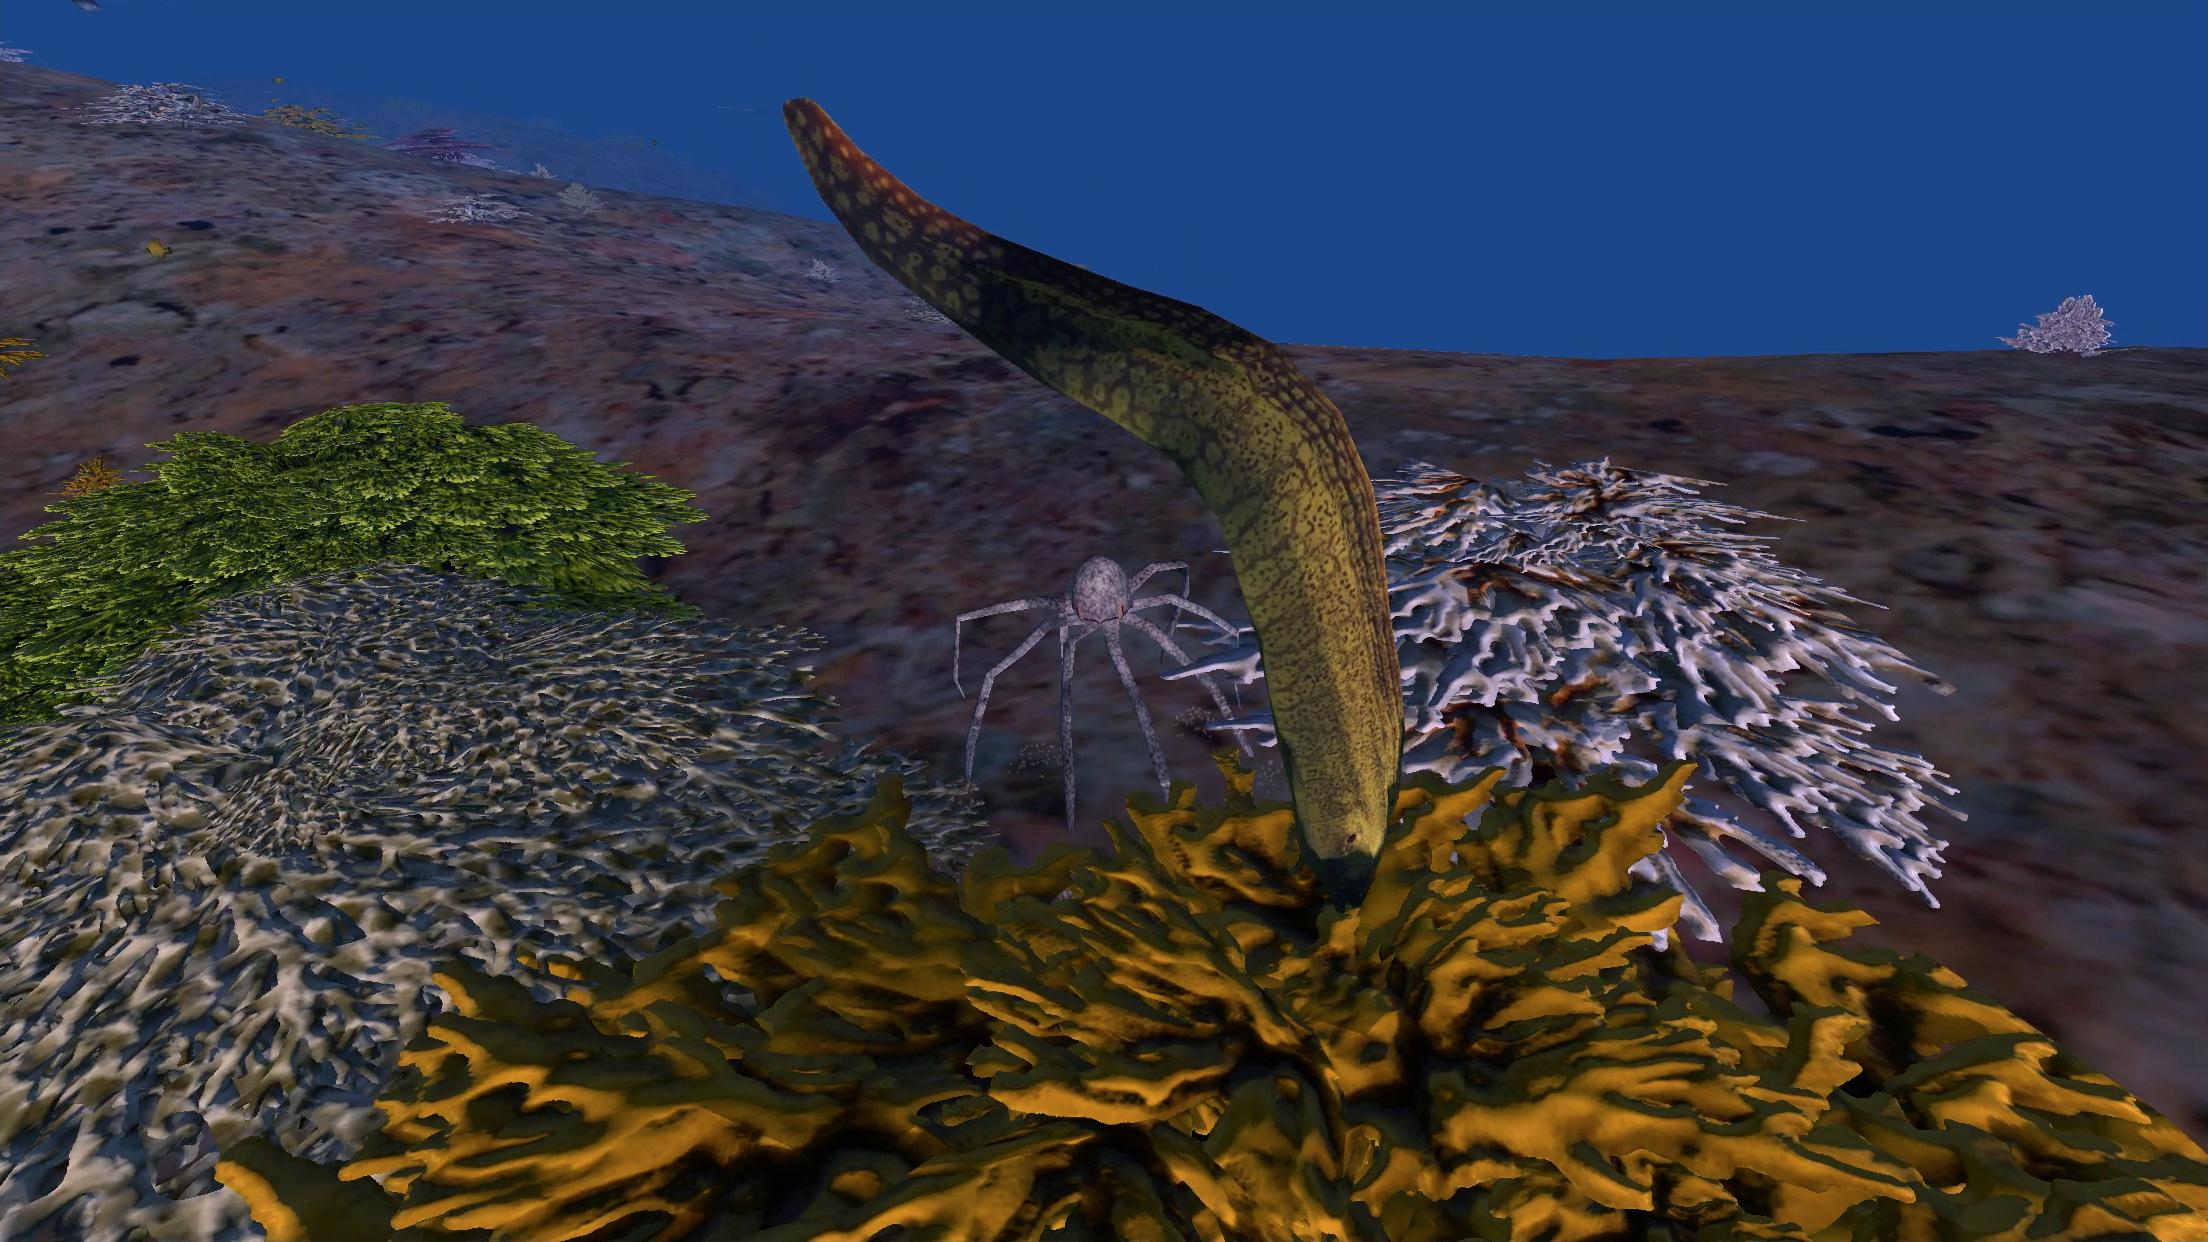 Robocto - Location: Hawaii (moray eel hiding in coral) - iPhone